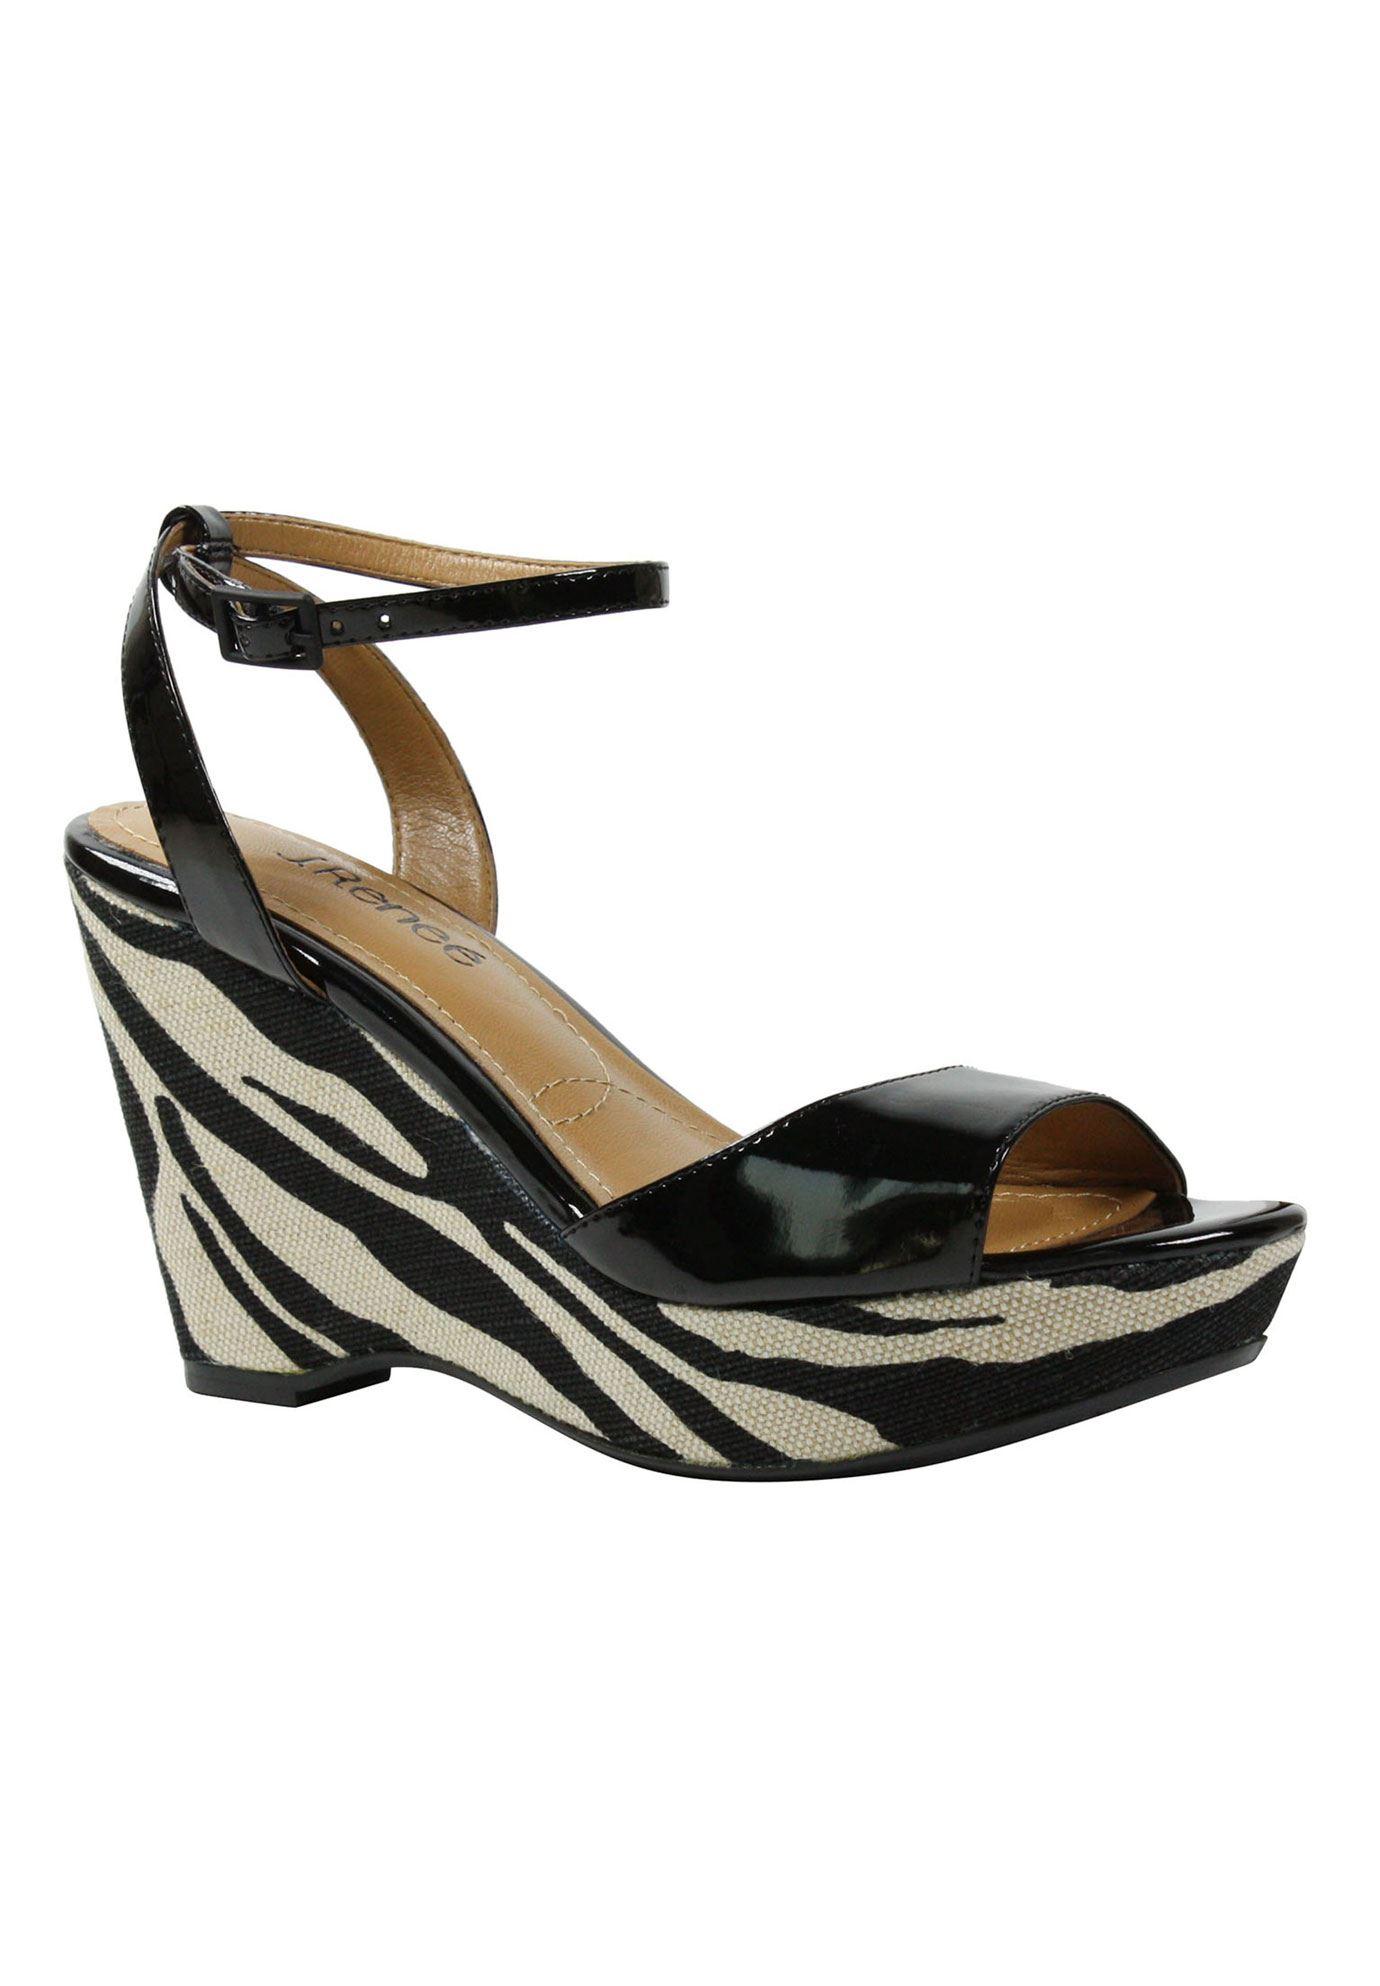 Roamans Plus Size Shoes